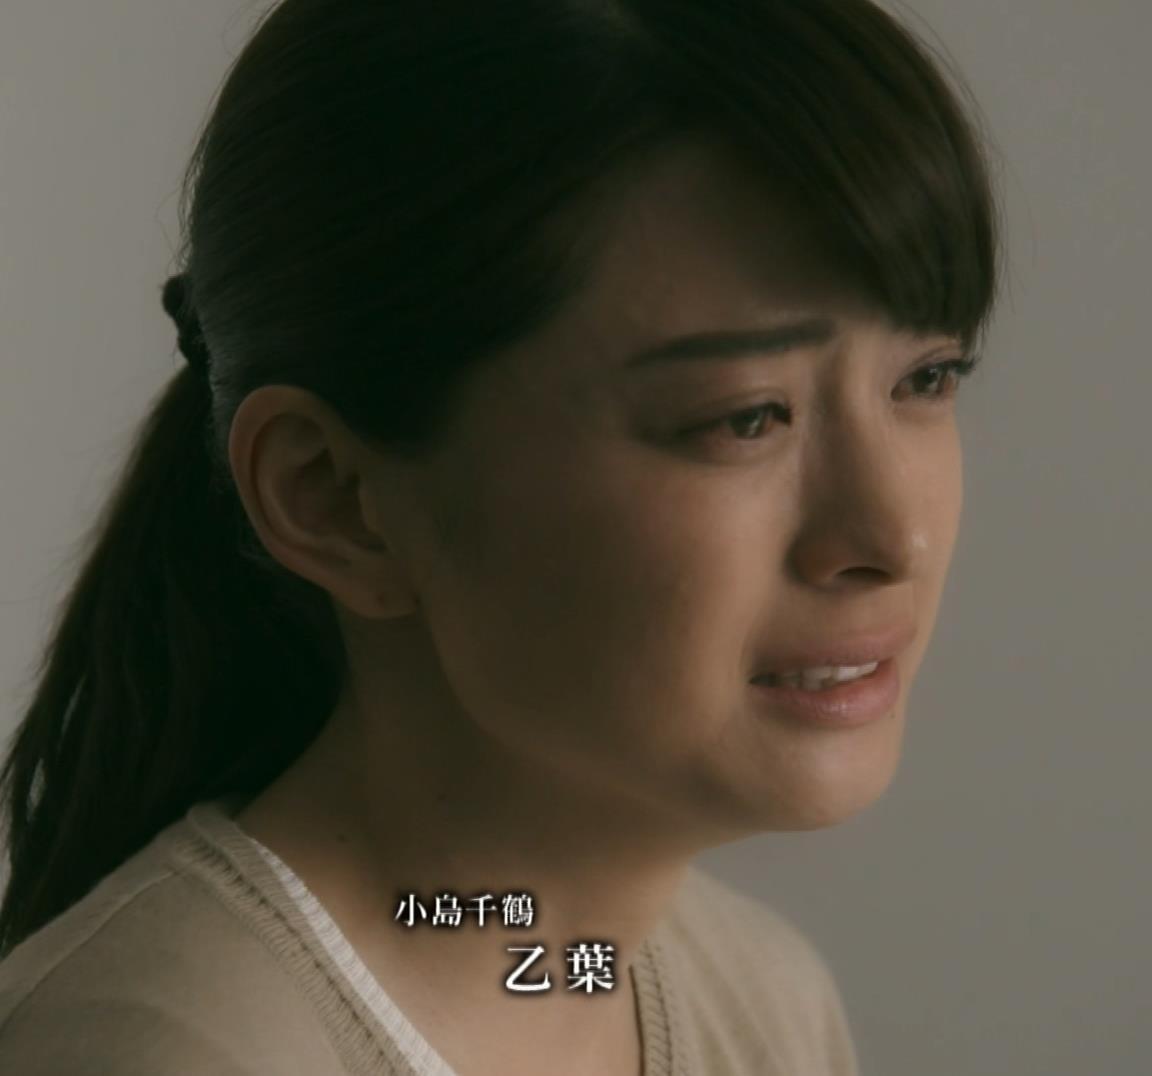 乙葉 ドラマ出演シーンキャプ・エロ画像14